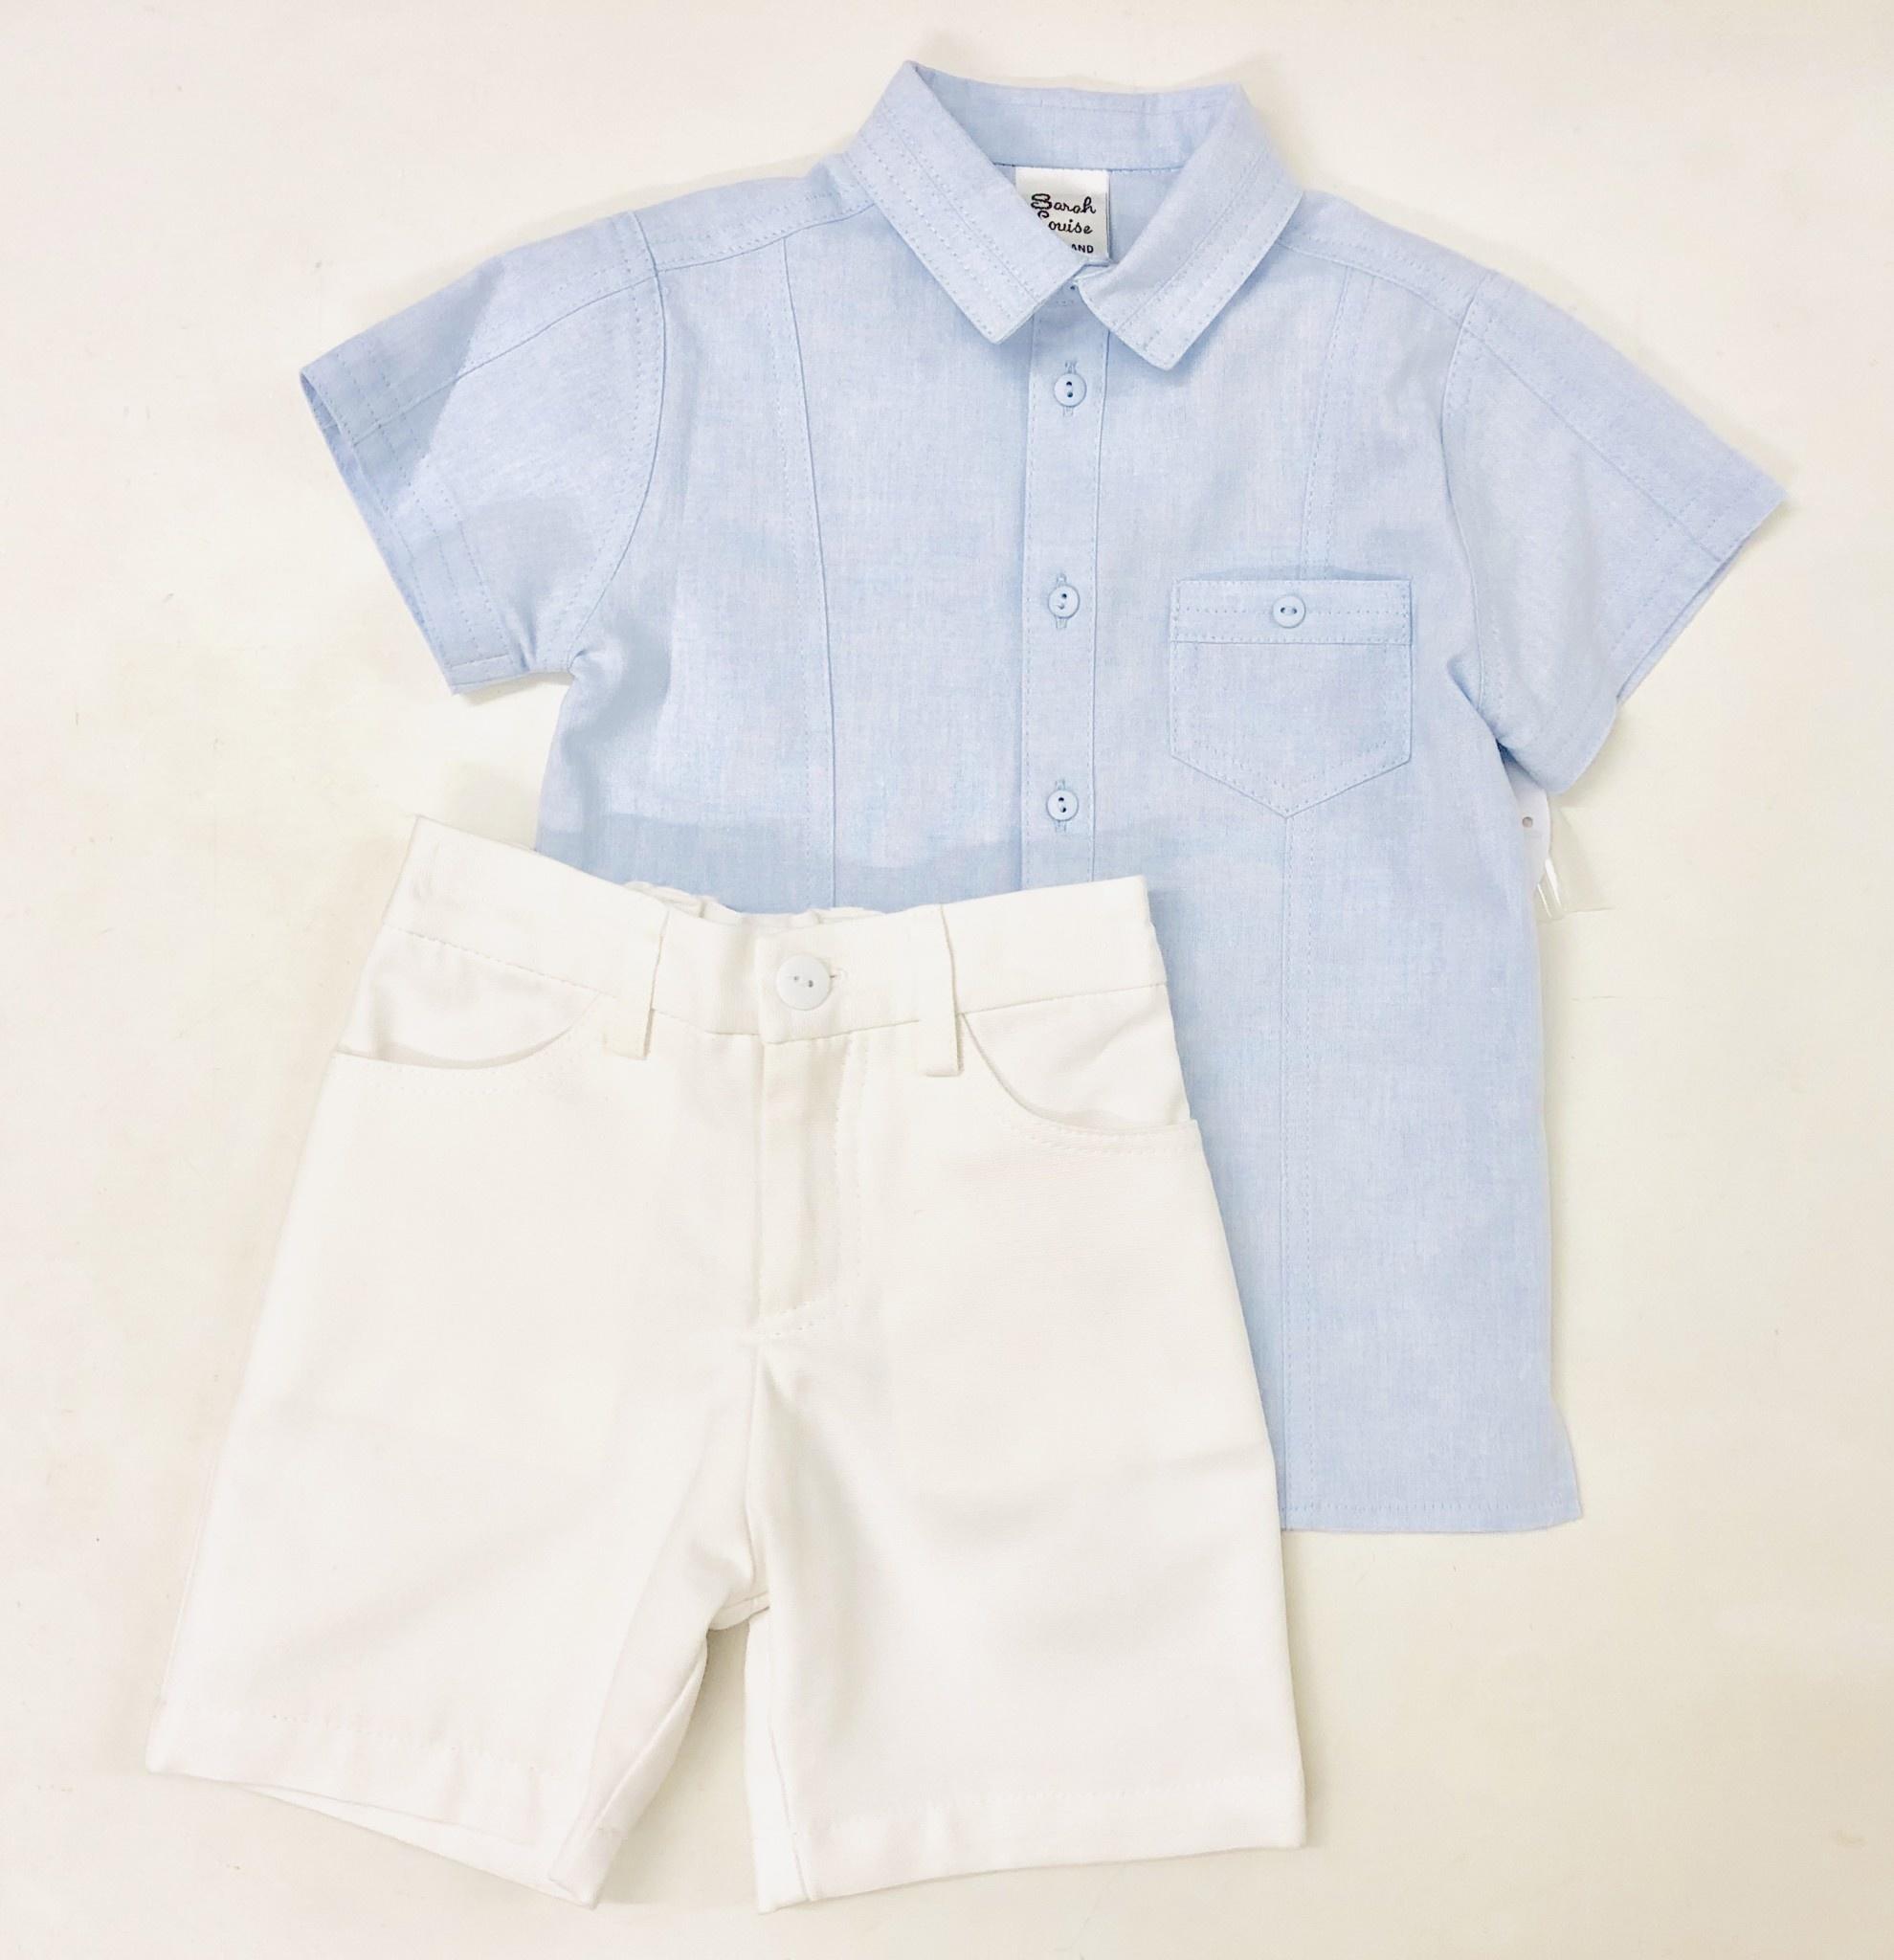 Sarah Louise Sarah Louise Pale Blue Shirt & White Shorts Set